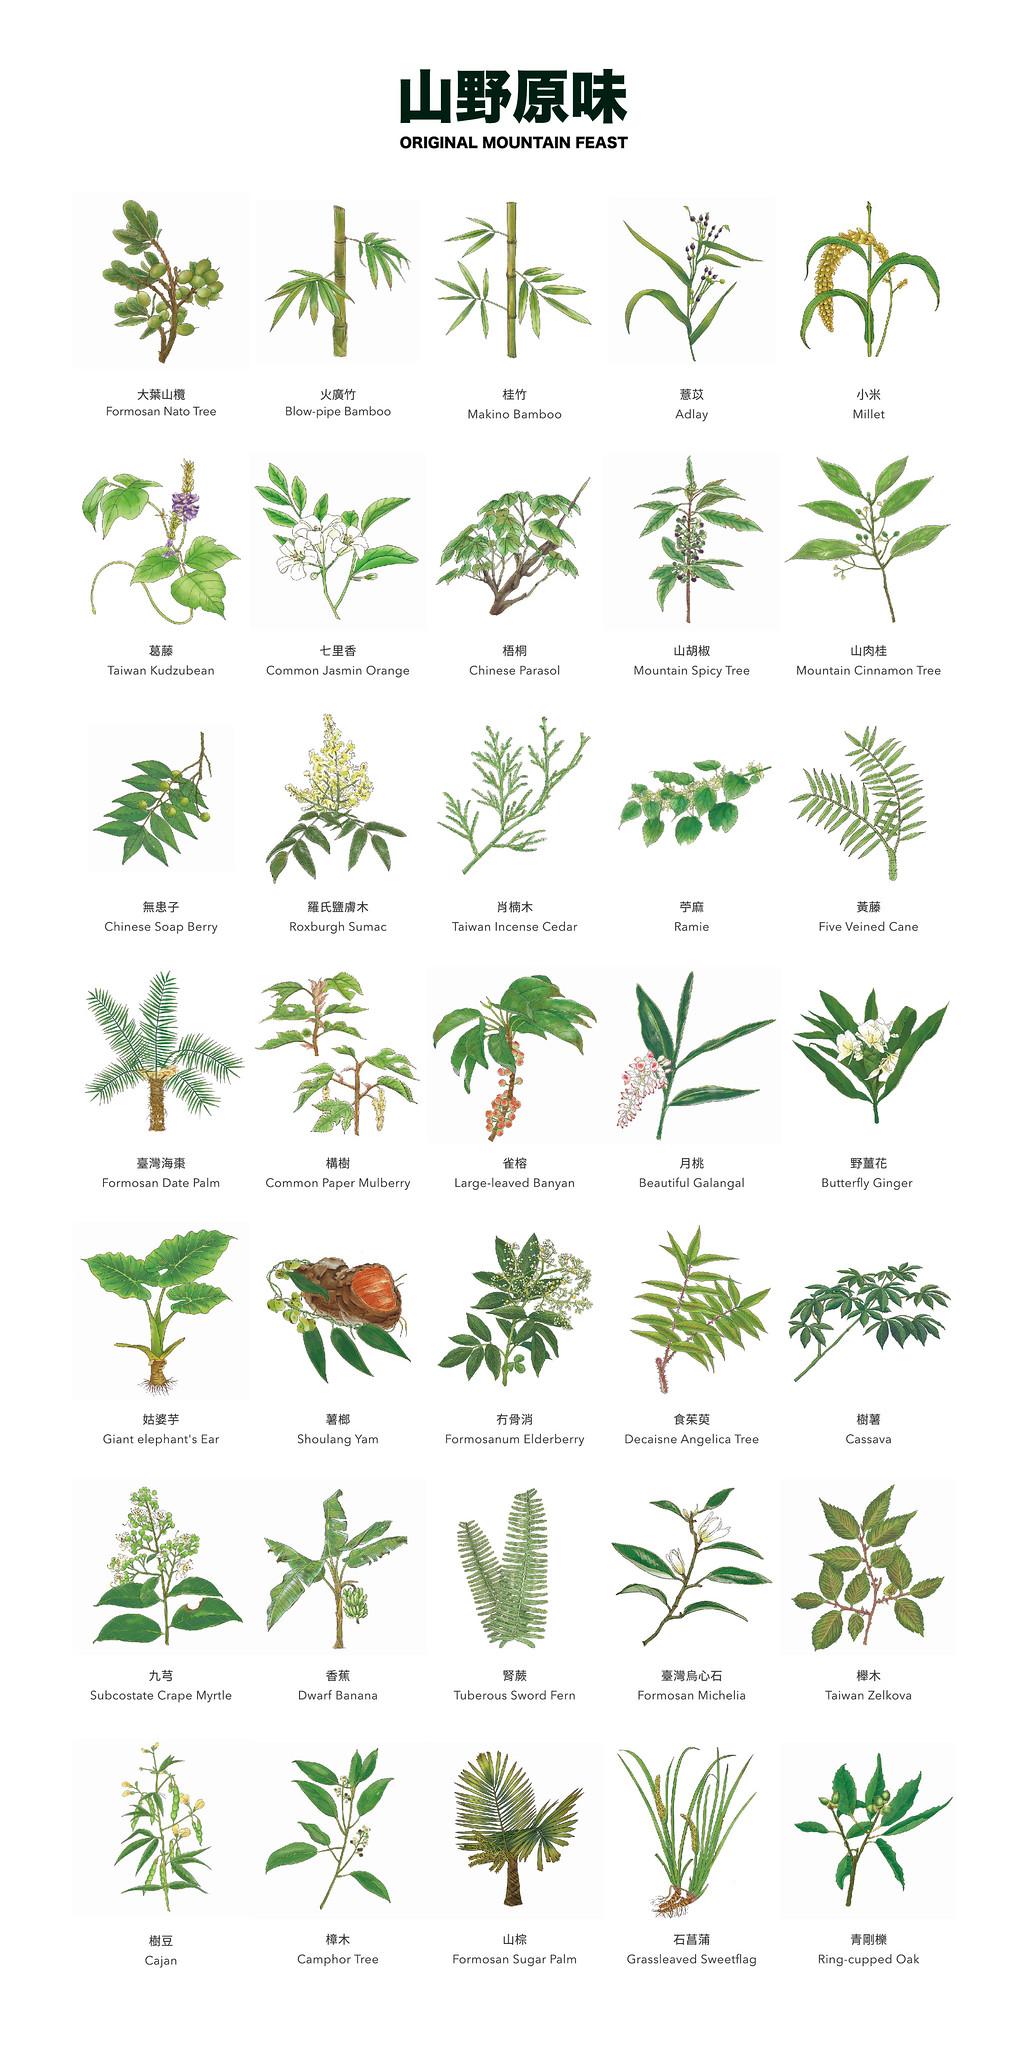 台大實驗林民族植物食農教育館山野原味展出的35種植物中英文名摺頁圖。圖片來源:築點設計提供